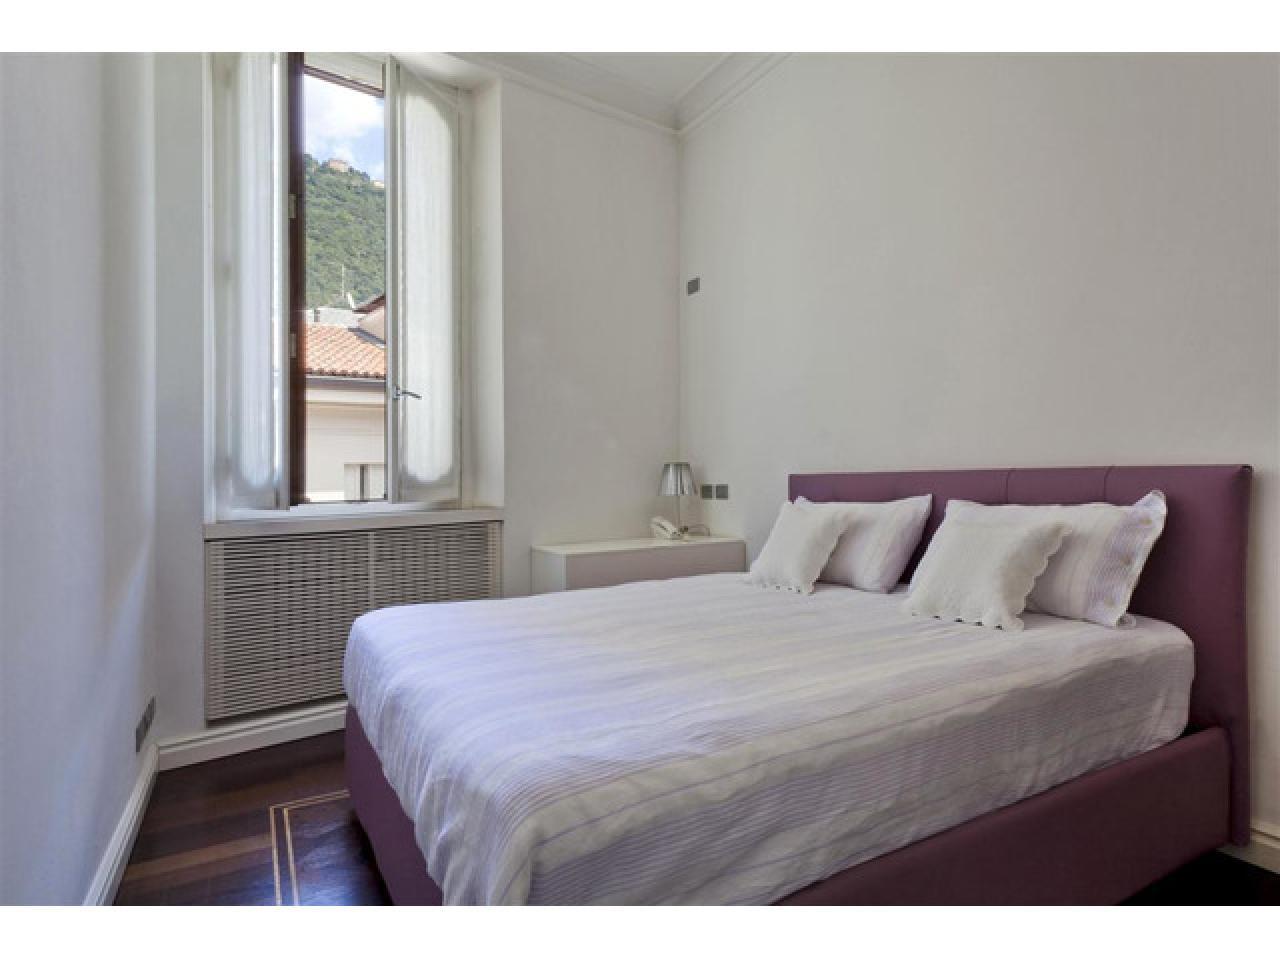 Апартаменты в старинном особняке в историческом центре города Комо (Италия) - 11